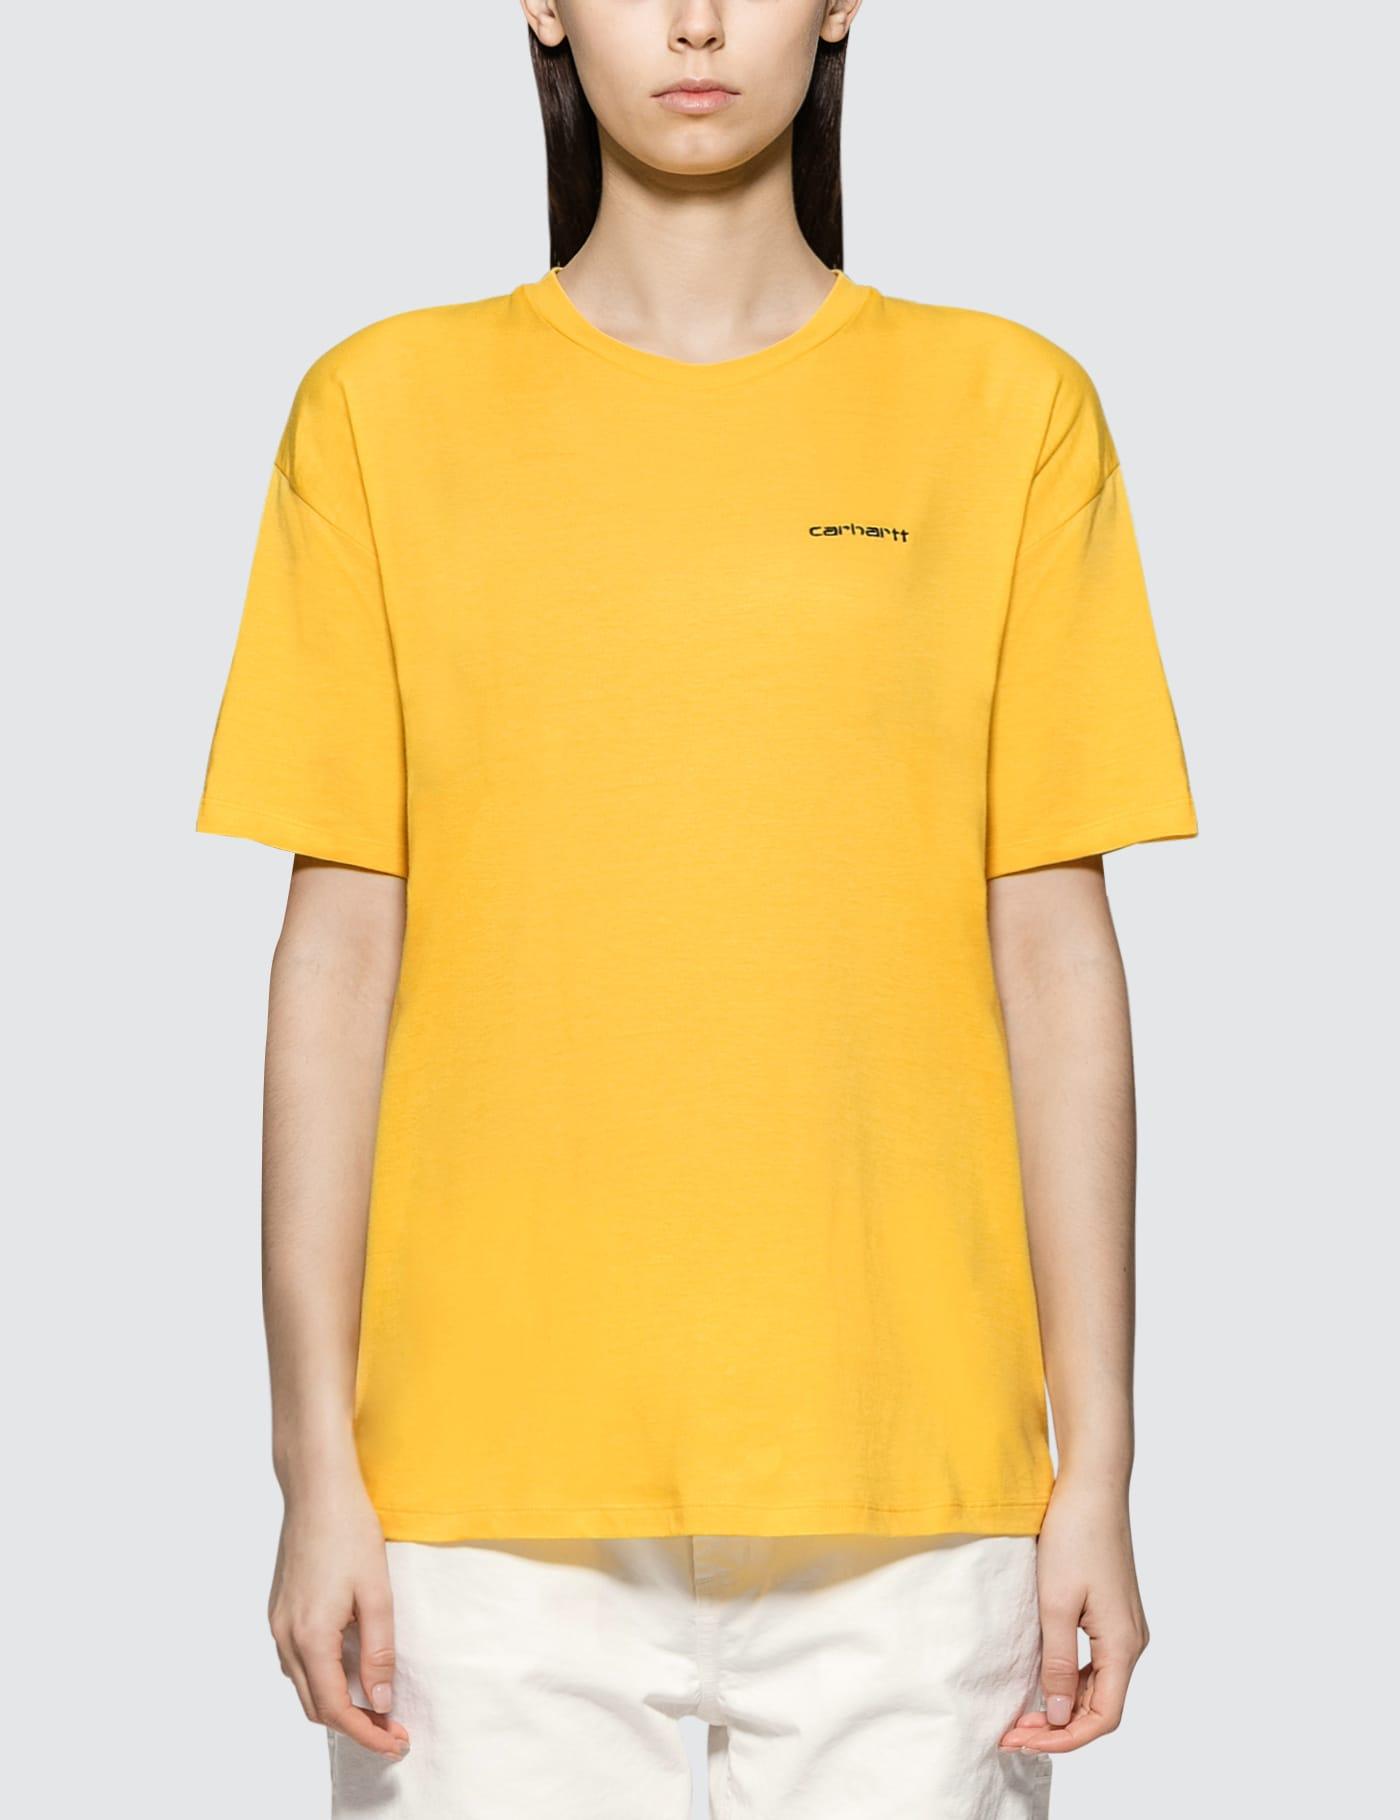 CARHARTT   Carhartt Work In Progress Script Embroidery Short Sleeve T-shirt   Goxip